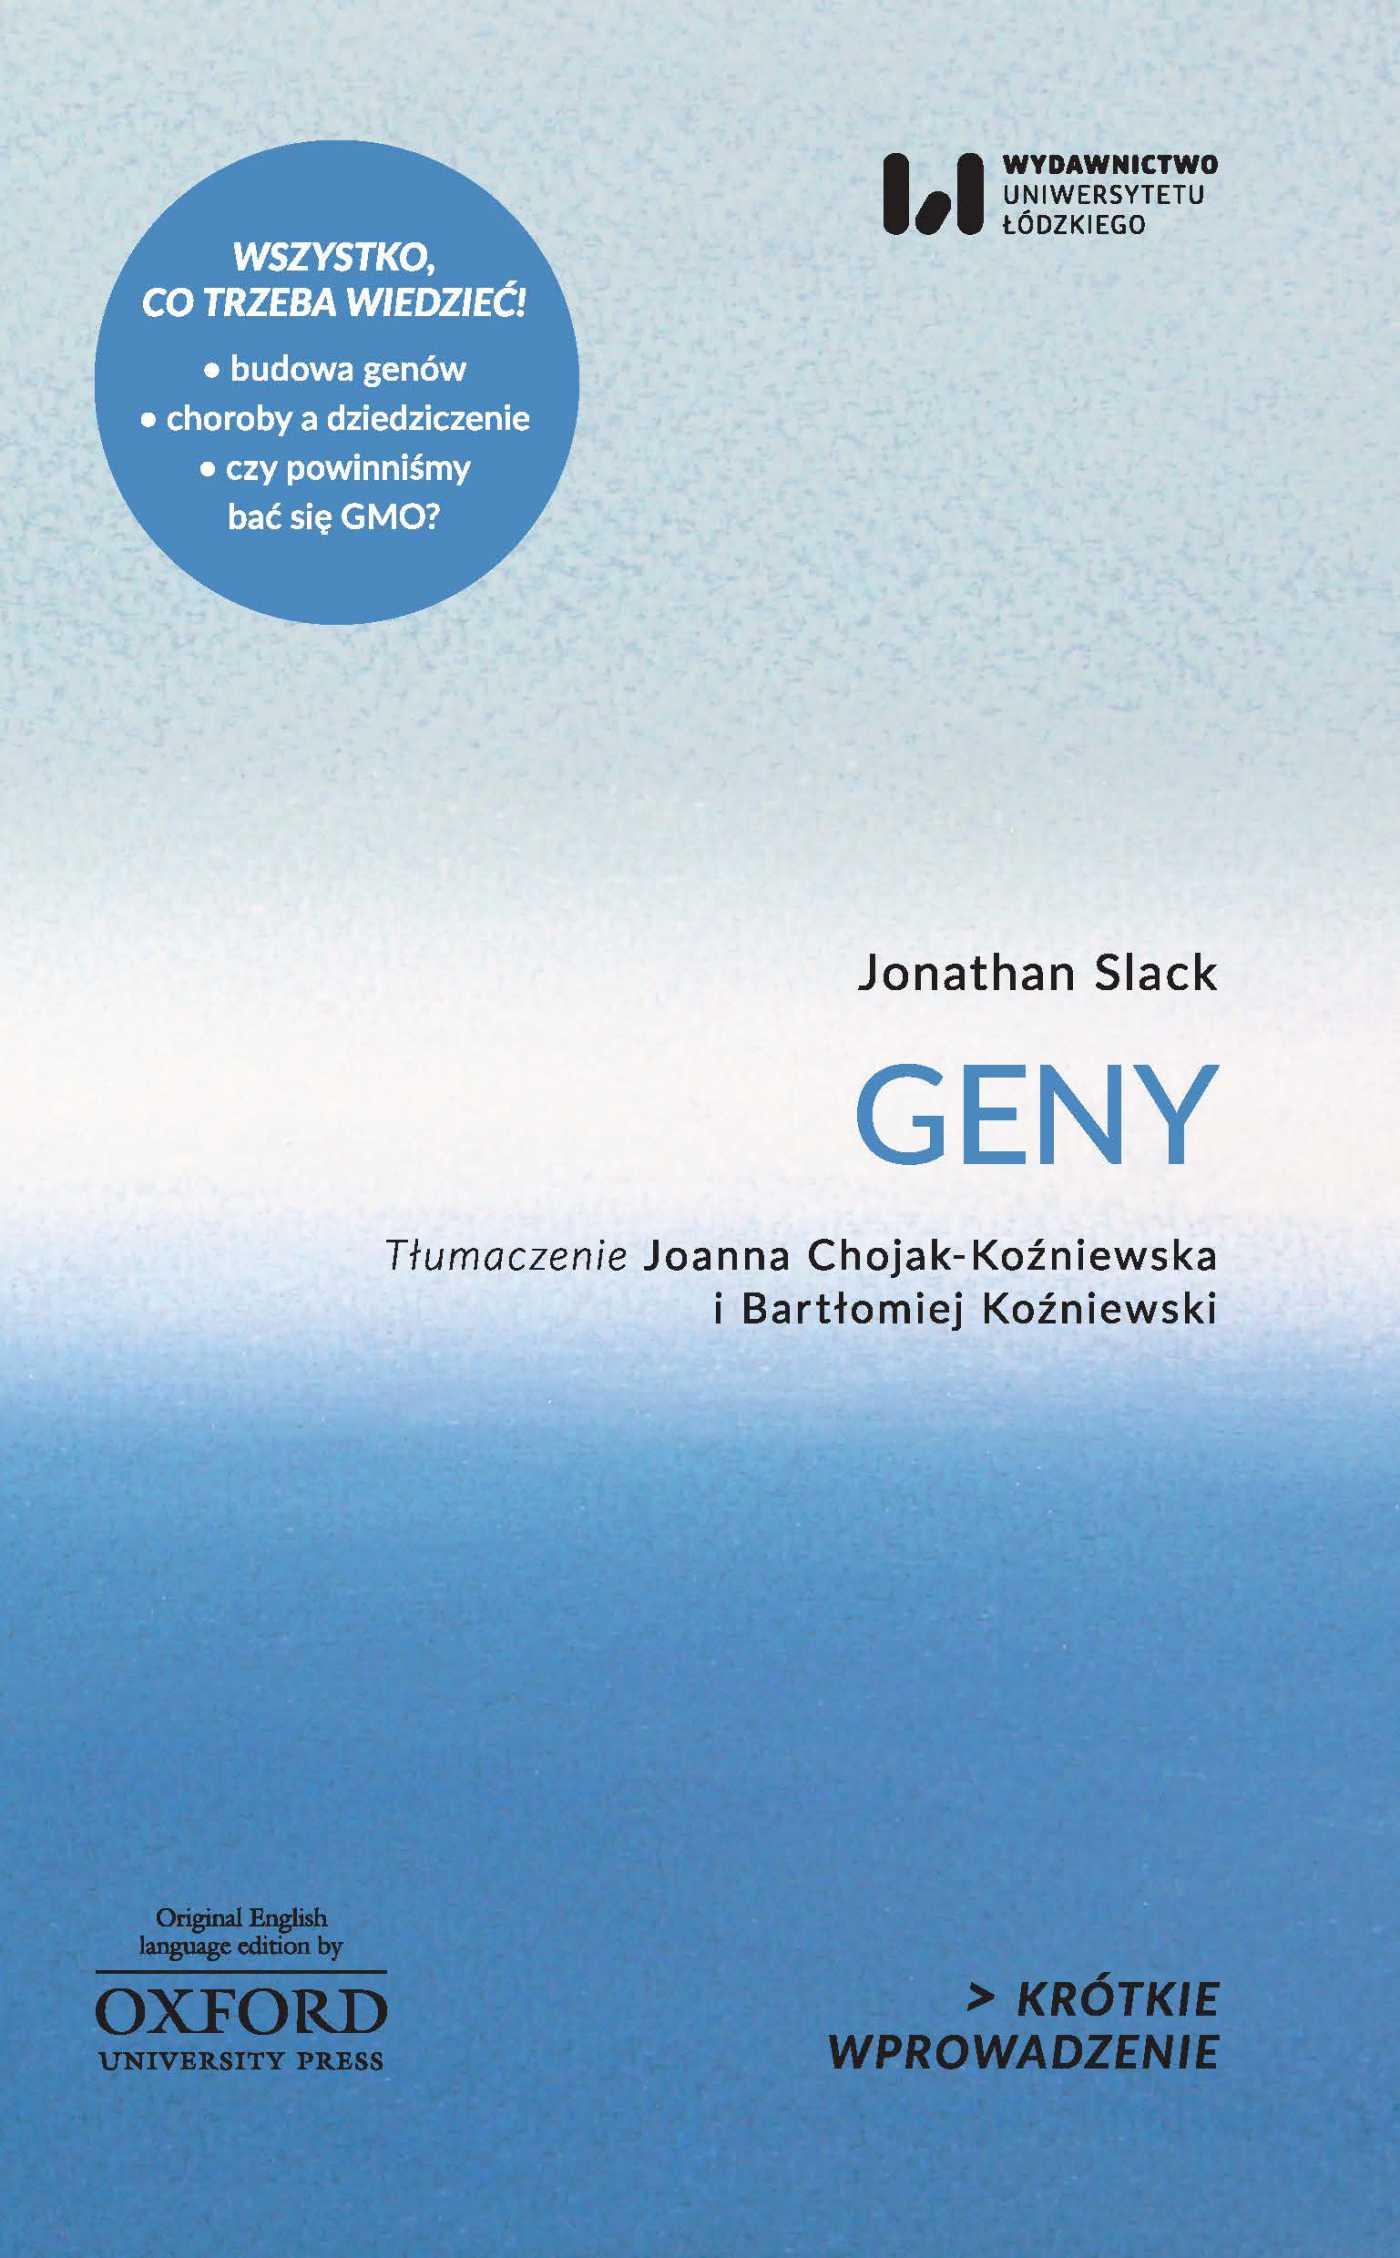 Geny. Krótkie Wprowadzenie 6 - Ebook (Książka PDF) do pobrania w formacie PDF